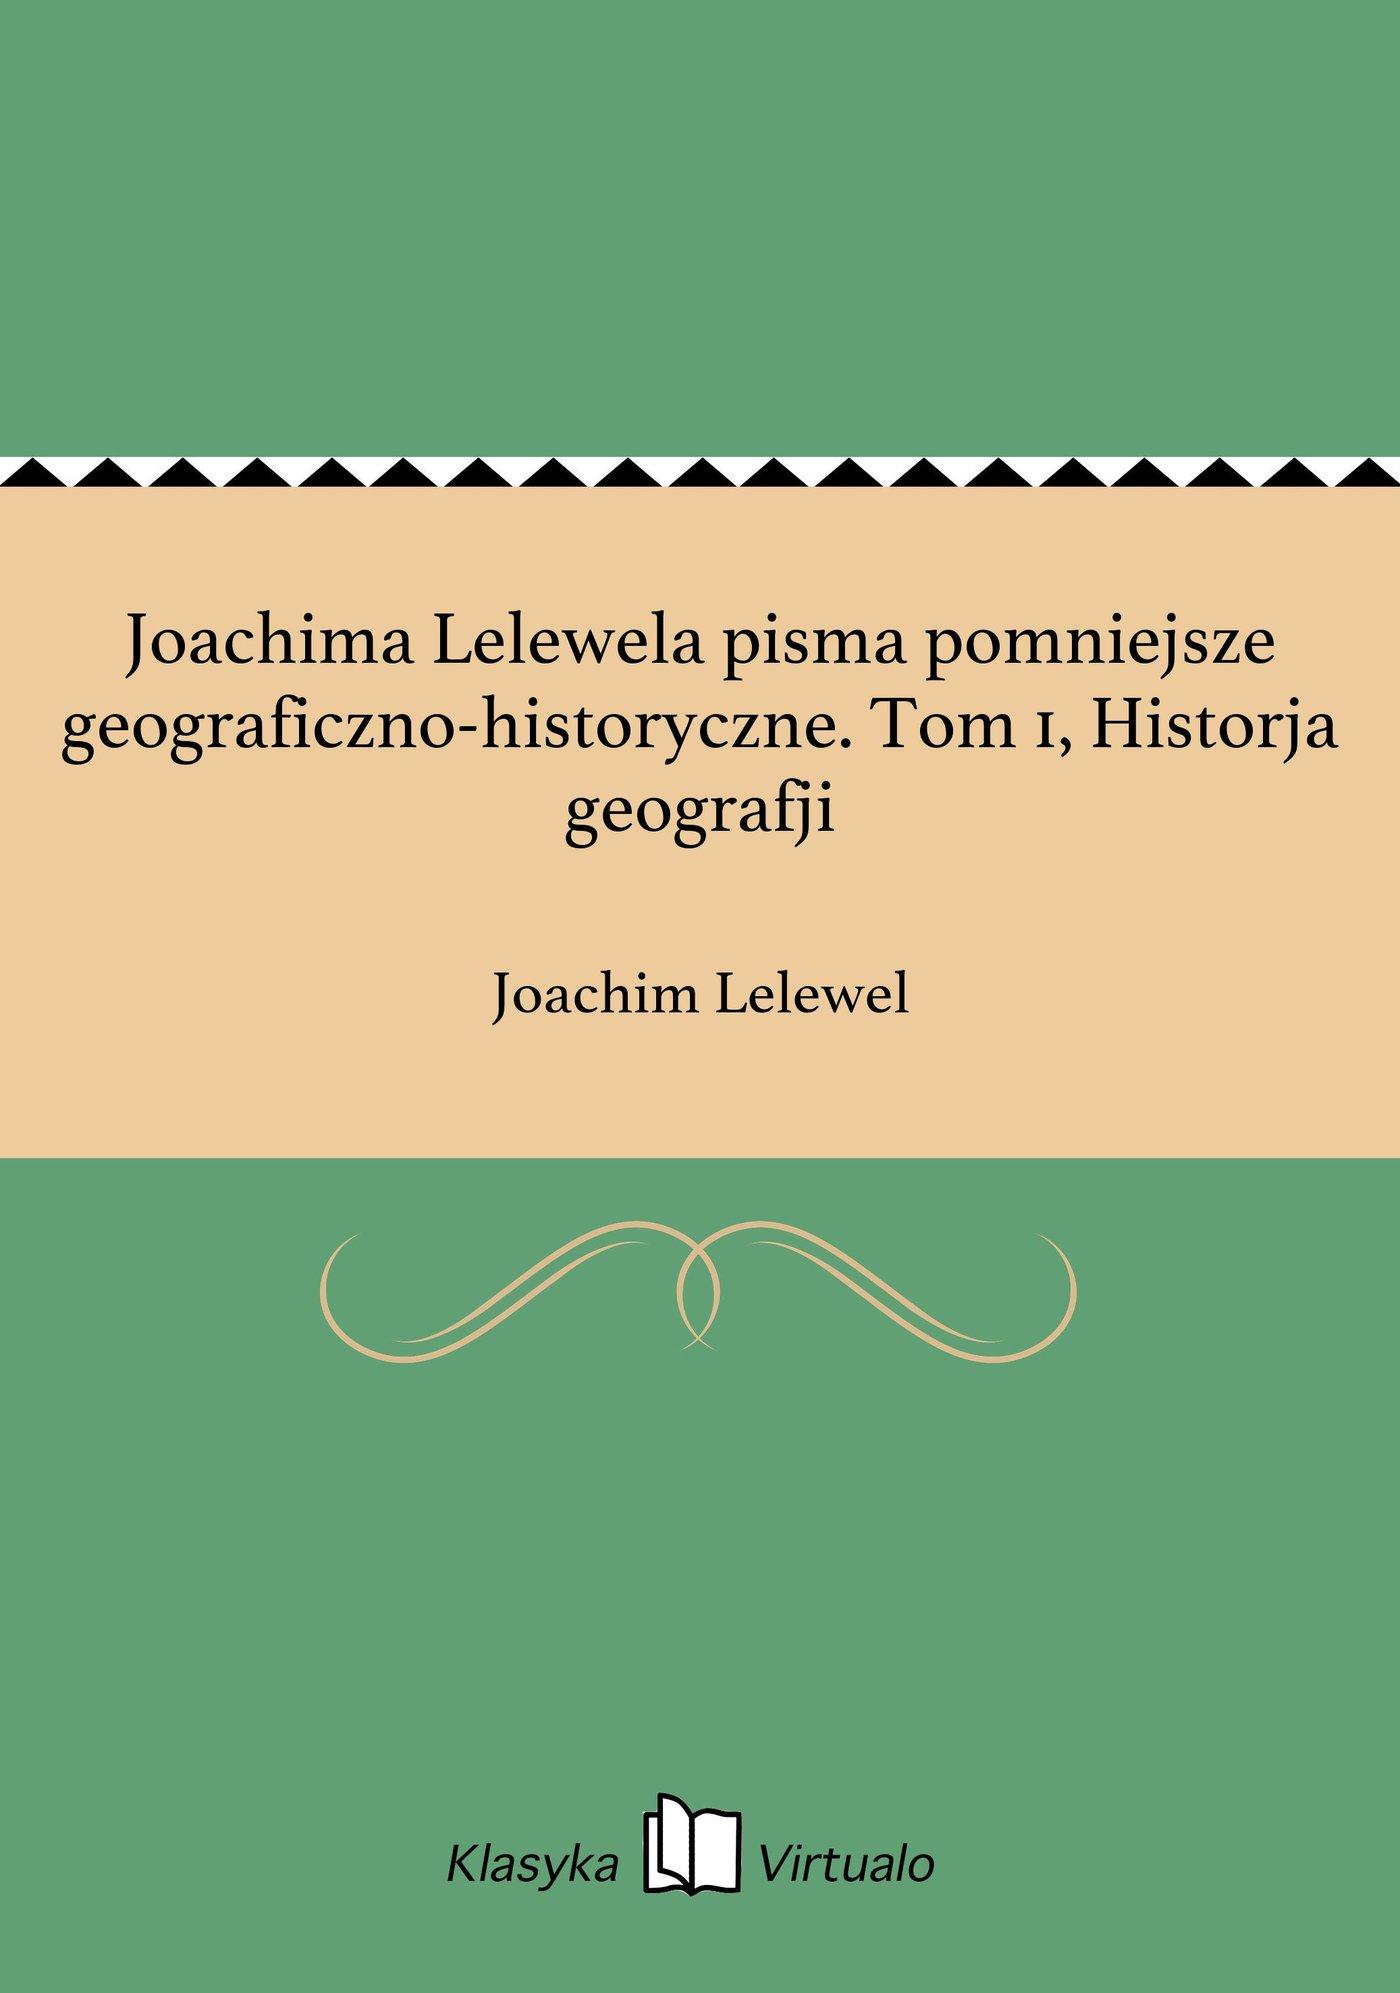 Joachima Lelewela pisma pomniejsze geograficzno-historyczne. Tom 1, Historja geografji - Ebook (Książka na Kindle) do pobrania w formacie MOBI